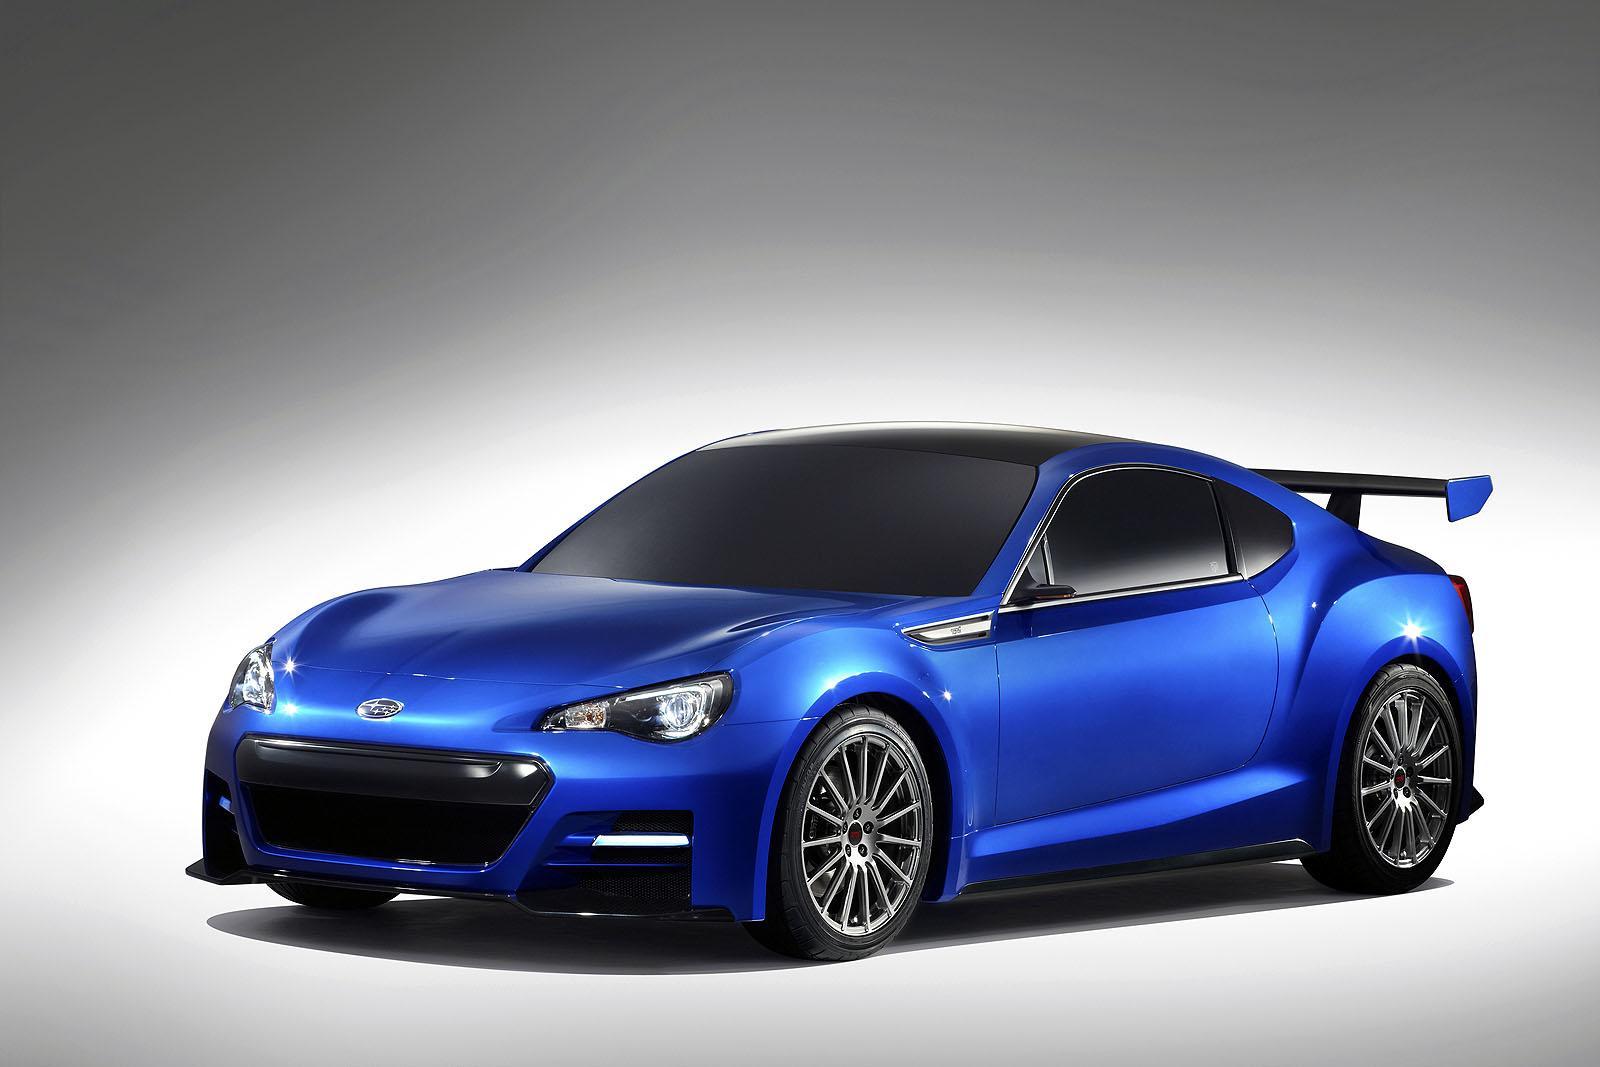 Subaru BRZ tS Limited Edition